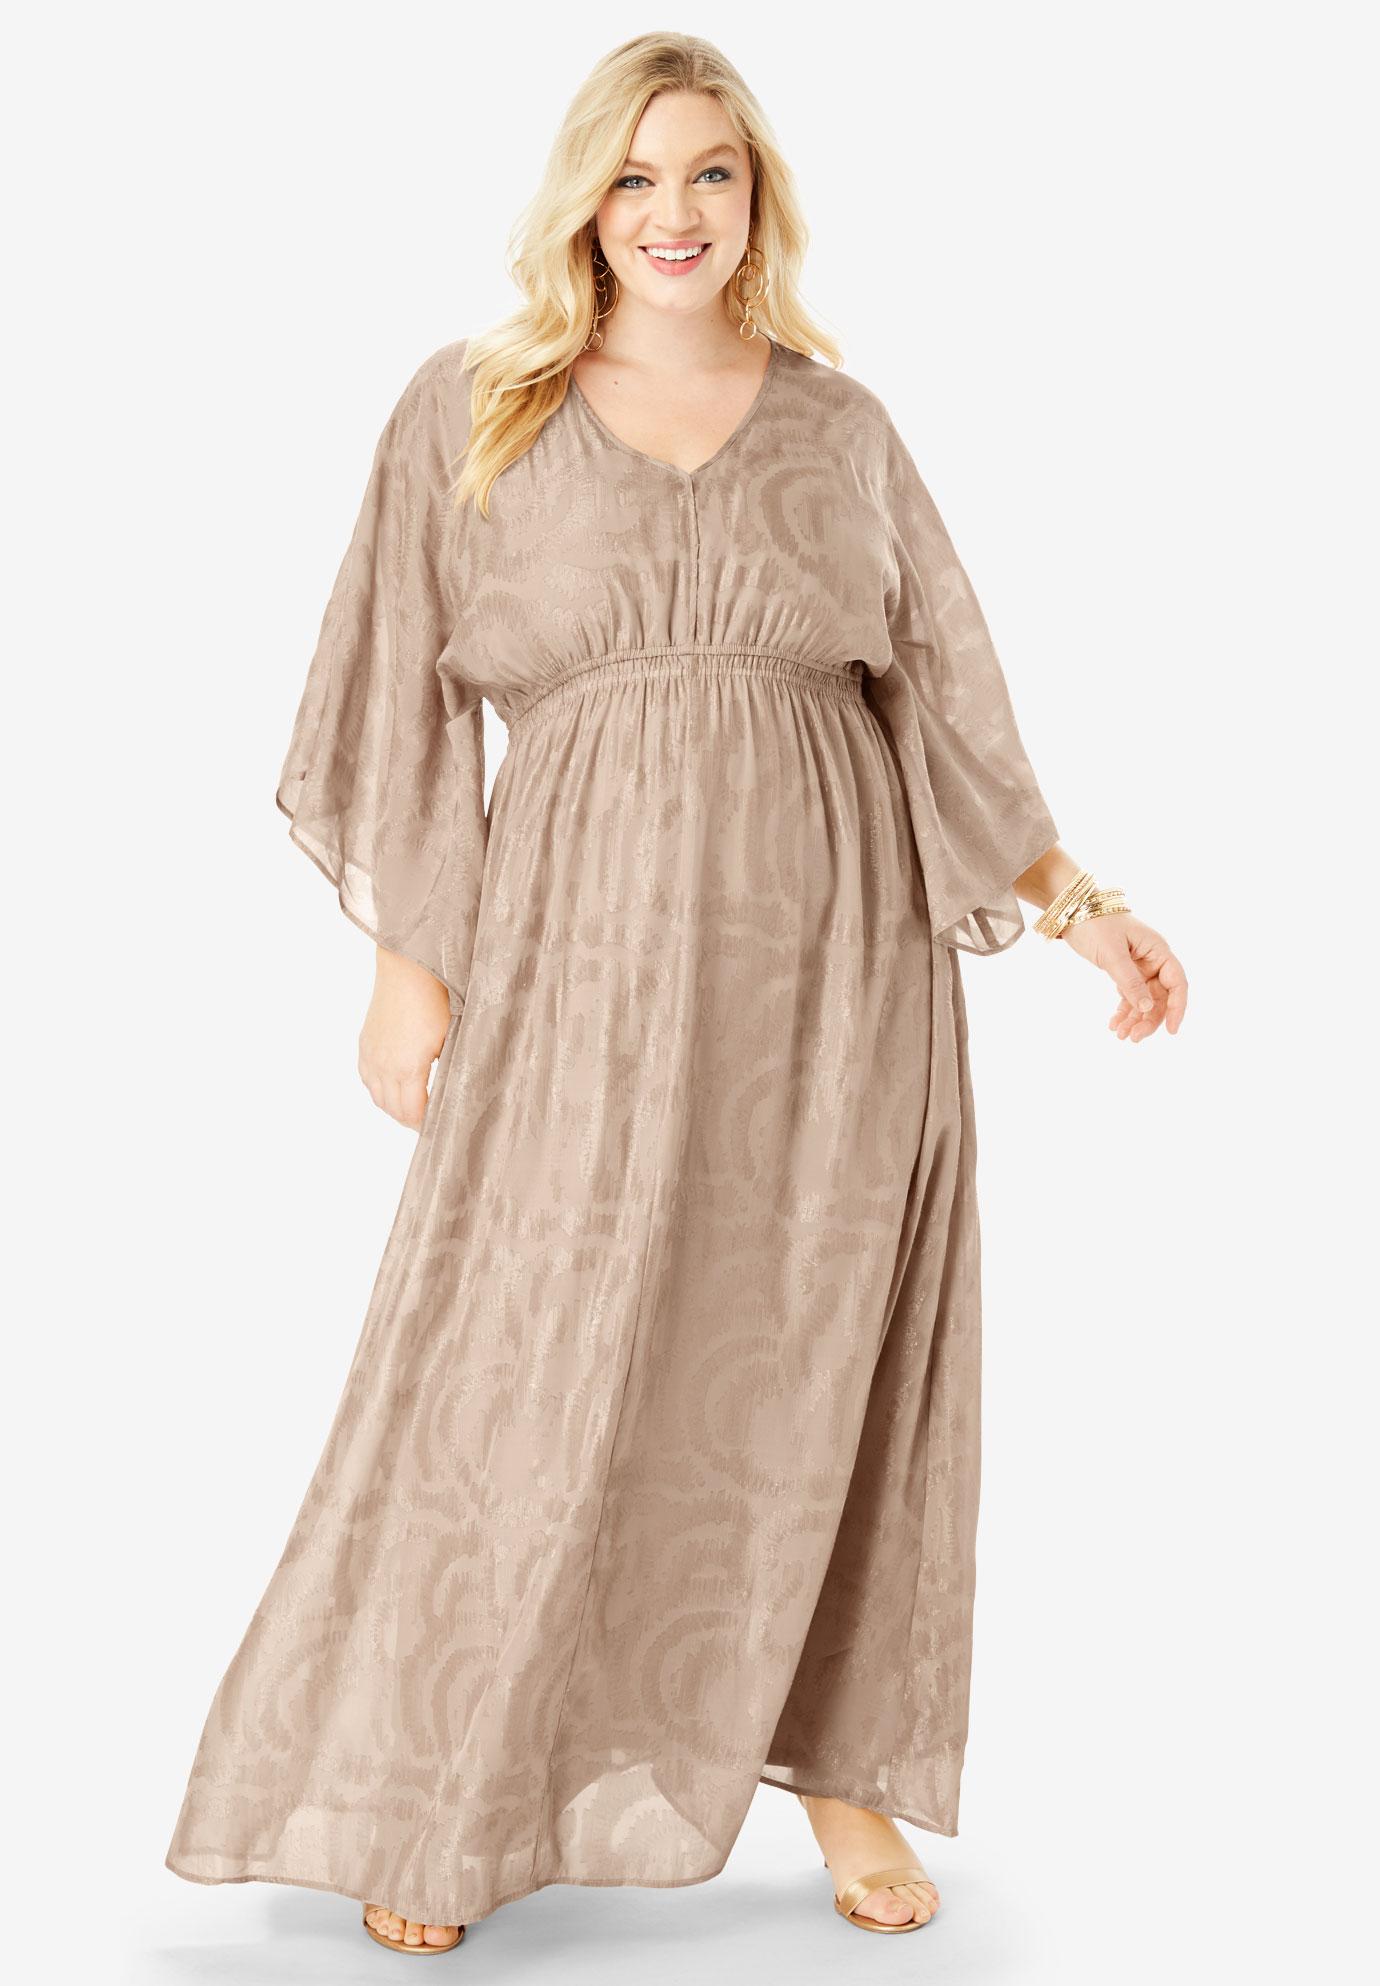 Kimono-Sleeve Maxi Dress  Plus Size Dresses   Full Beauty